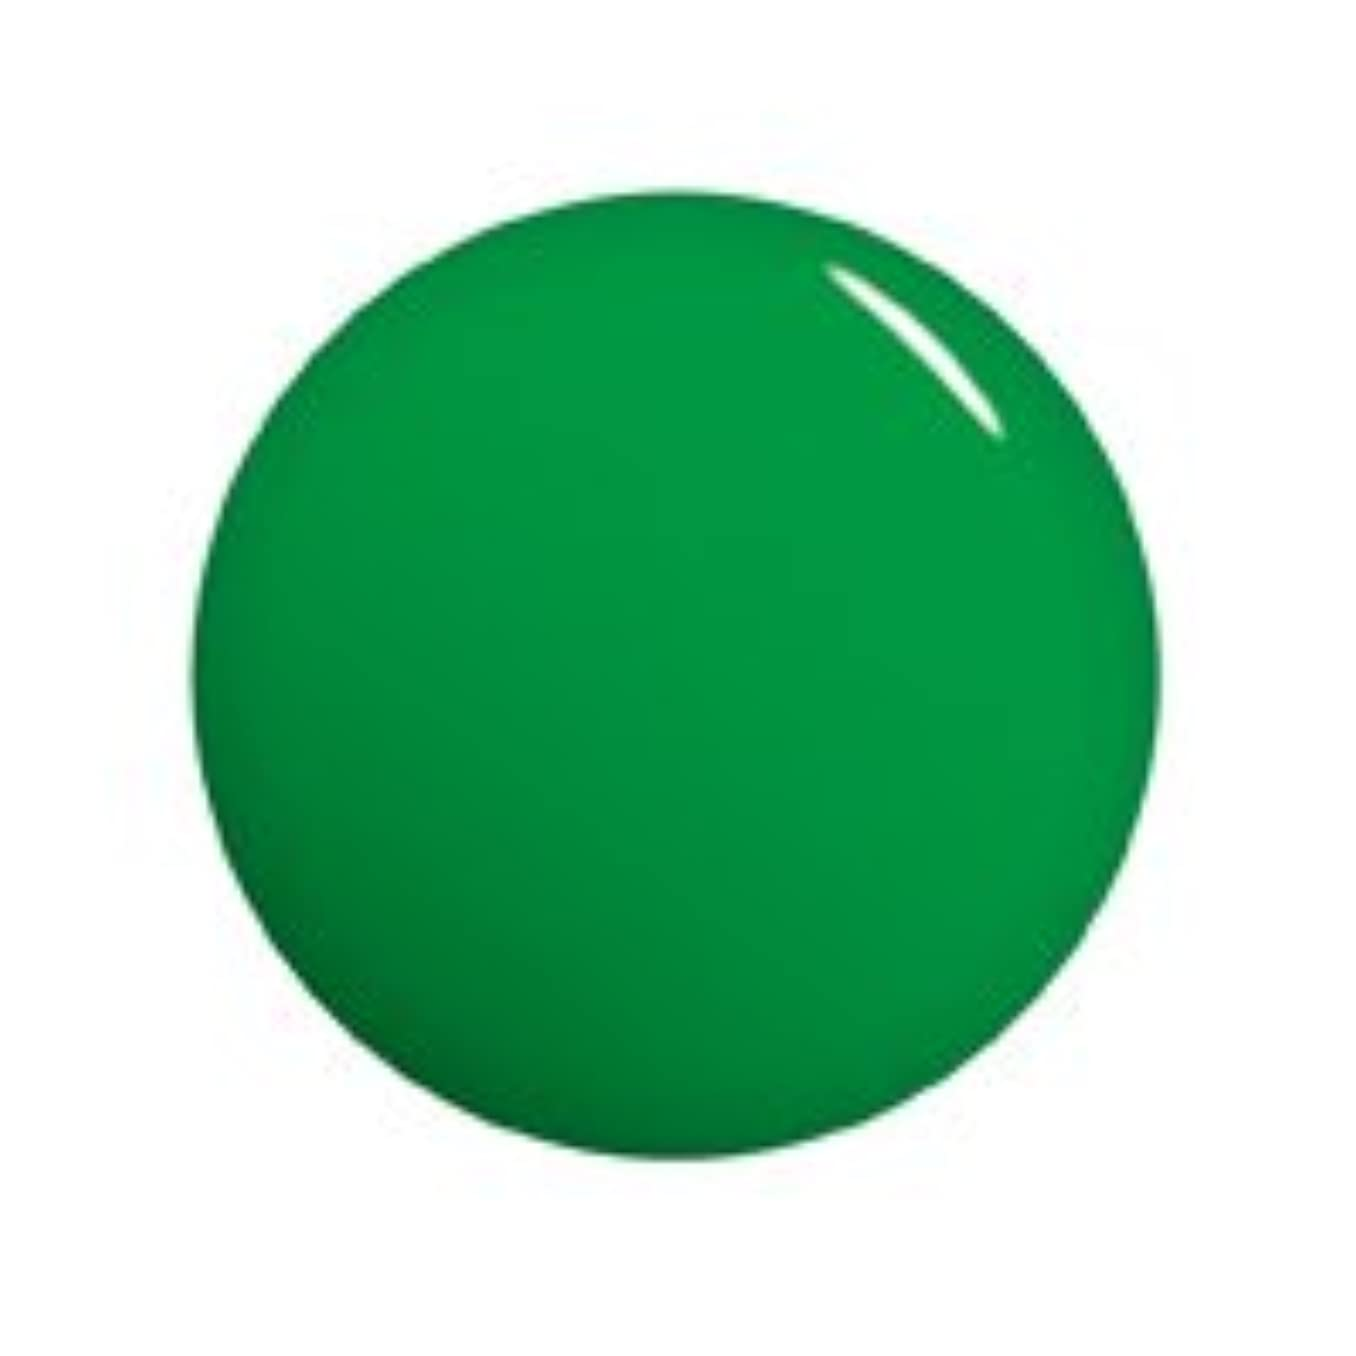 撤回するウール補正Gelgraph(ジェルグラフ) カラージェル 5g グラスホッパー 028M